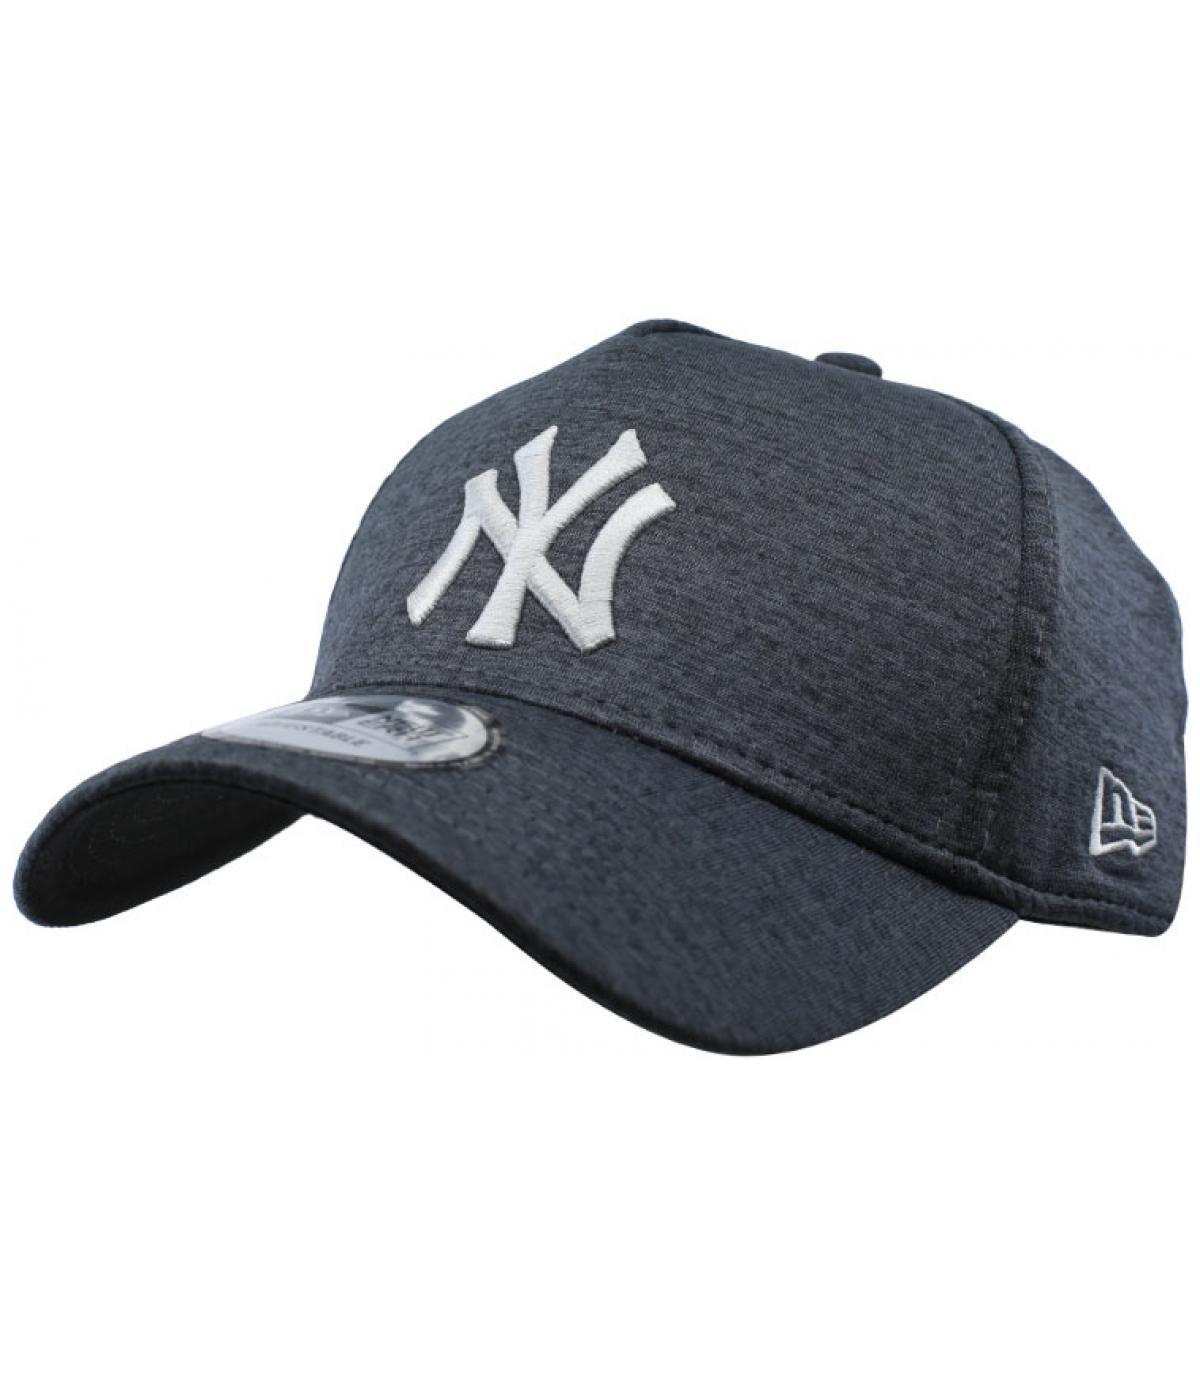 berretto NY nero grigio Aframe